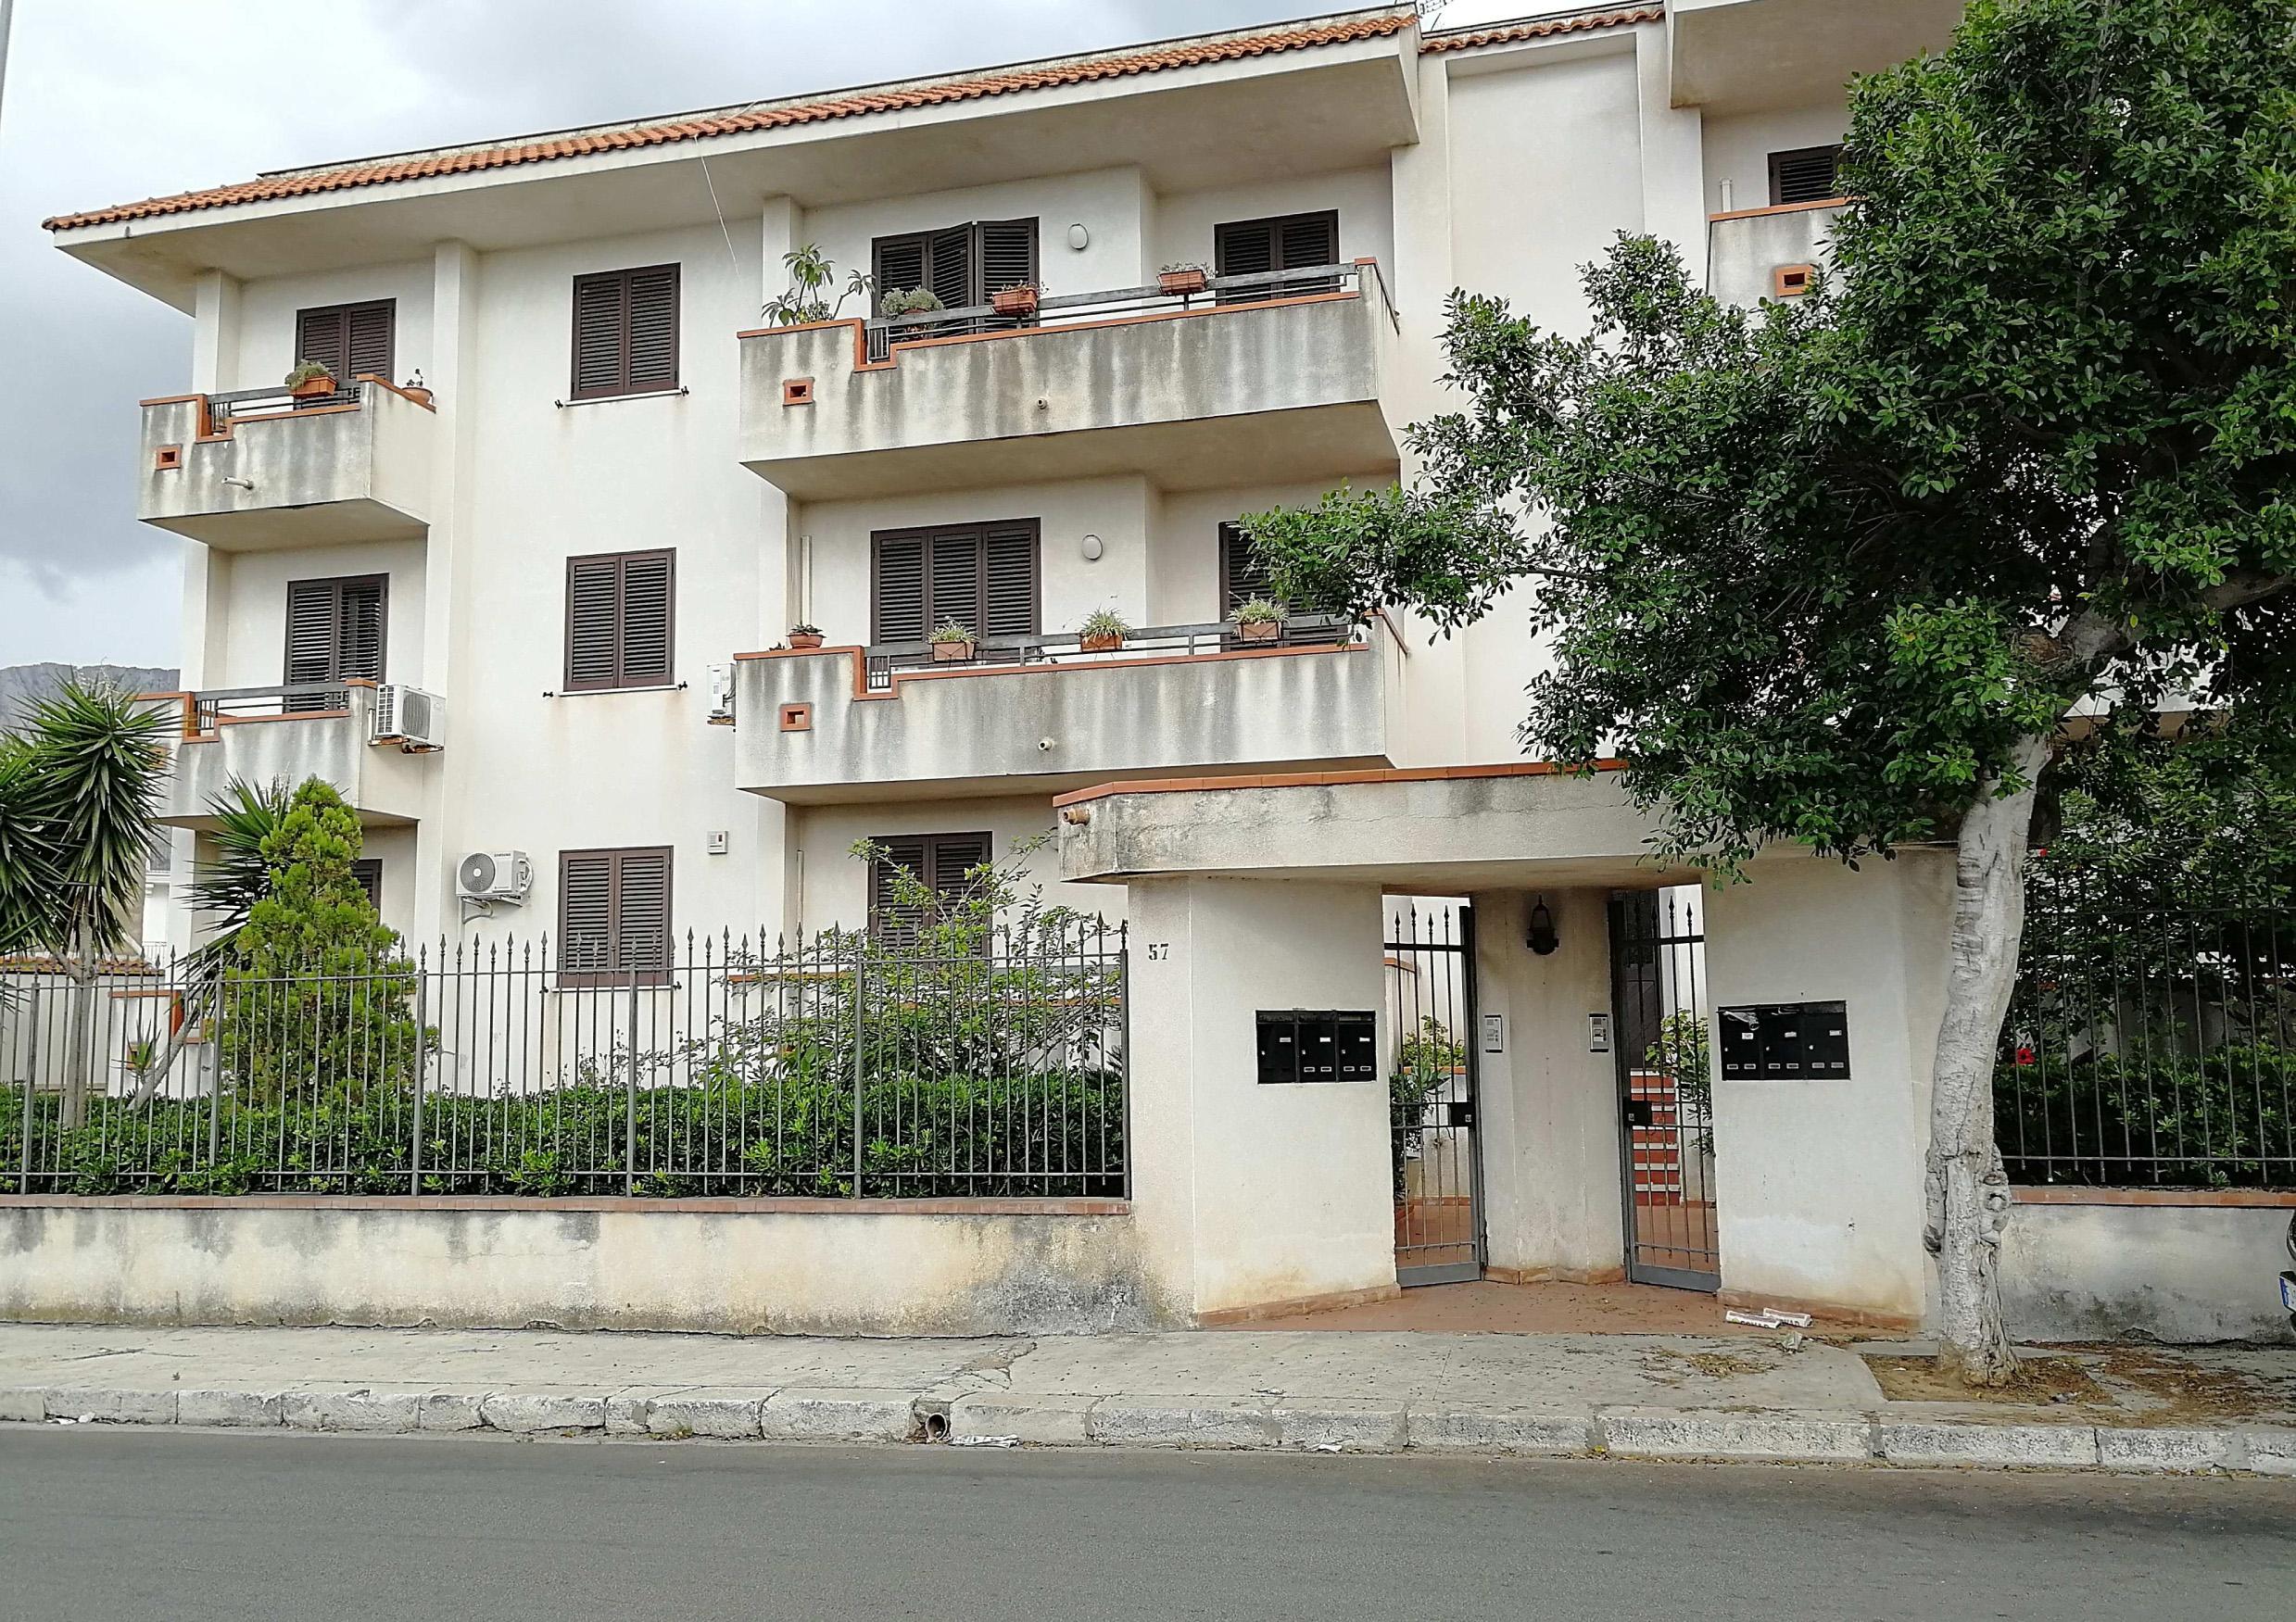 Terrasini – Appartamento cinque vani piu' servizi